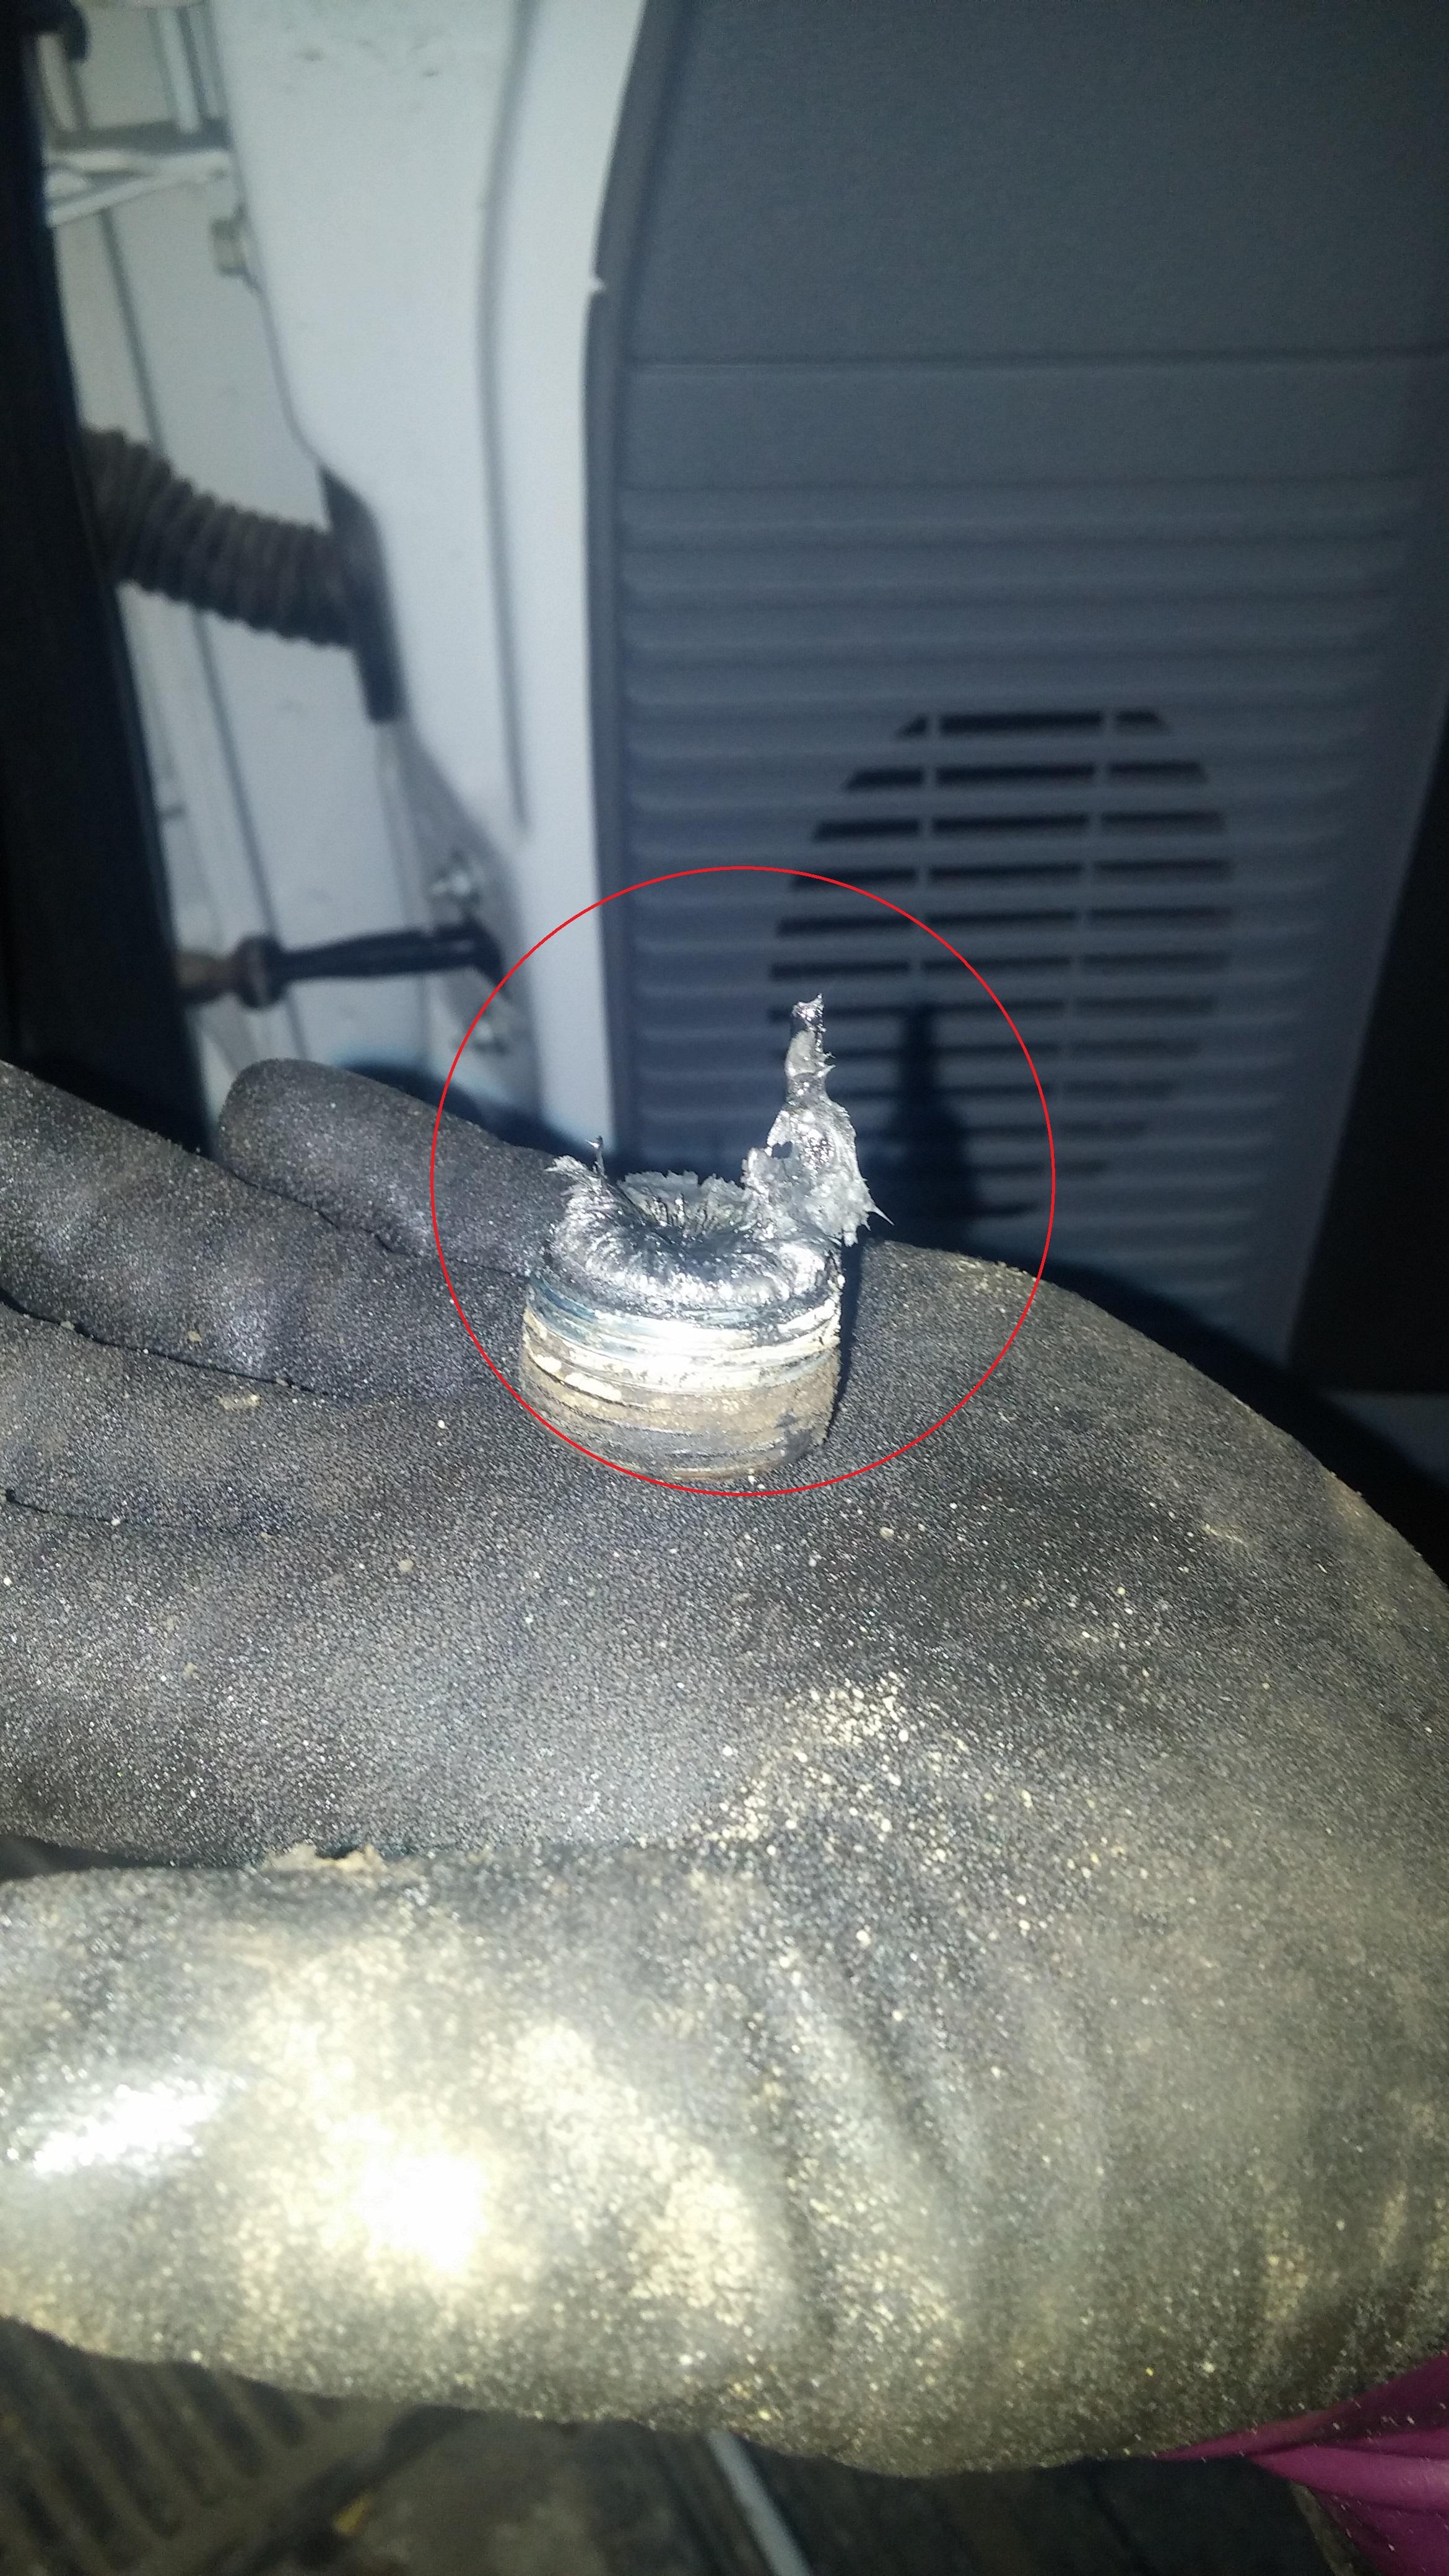 E450 Diff Fill Plug